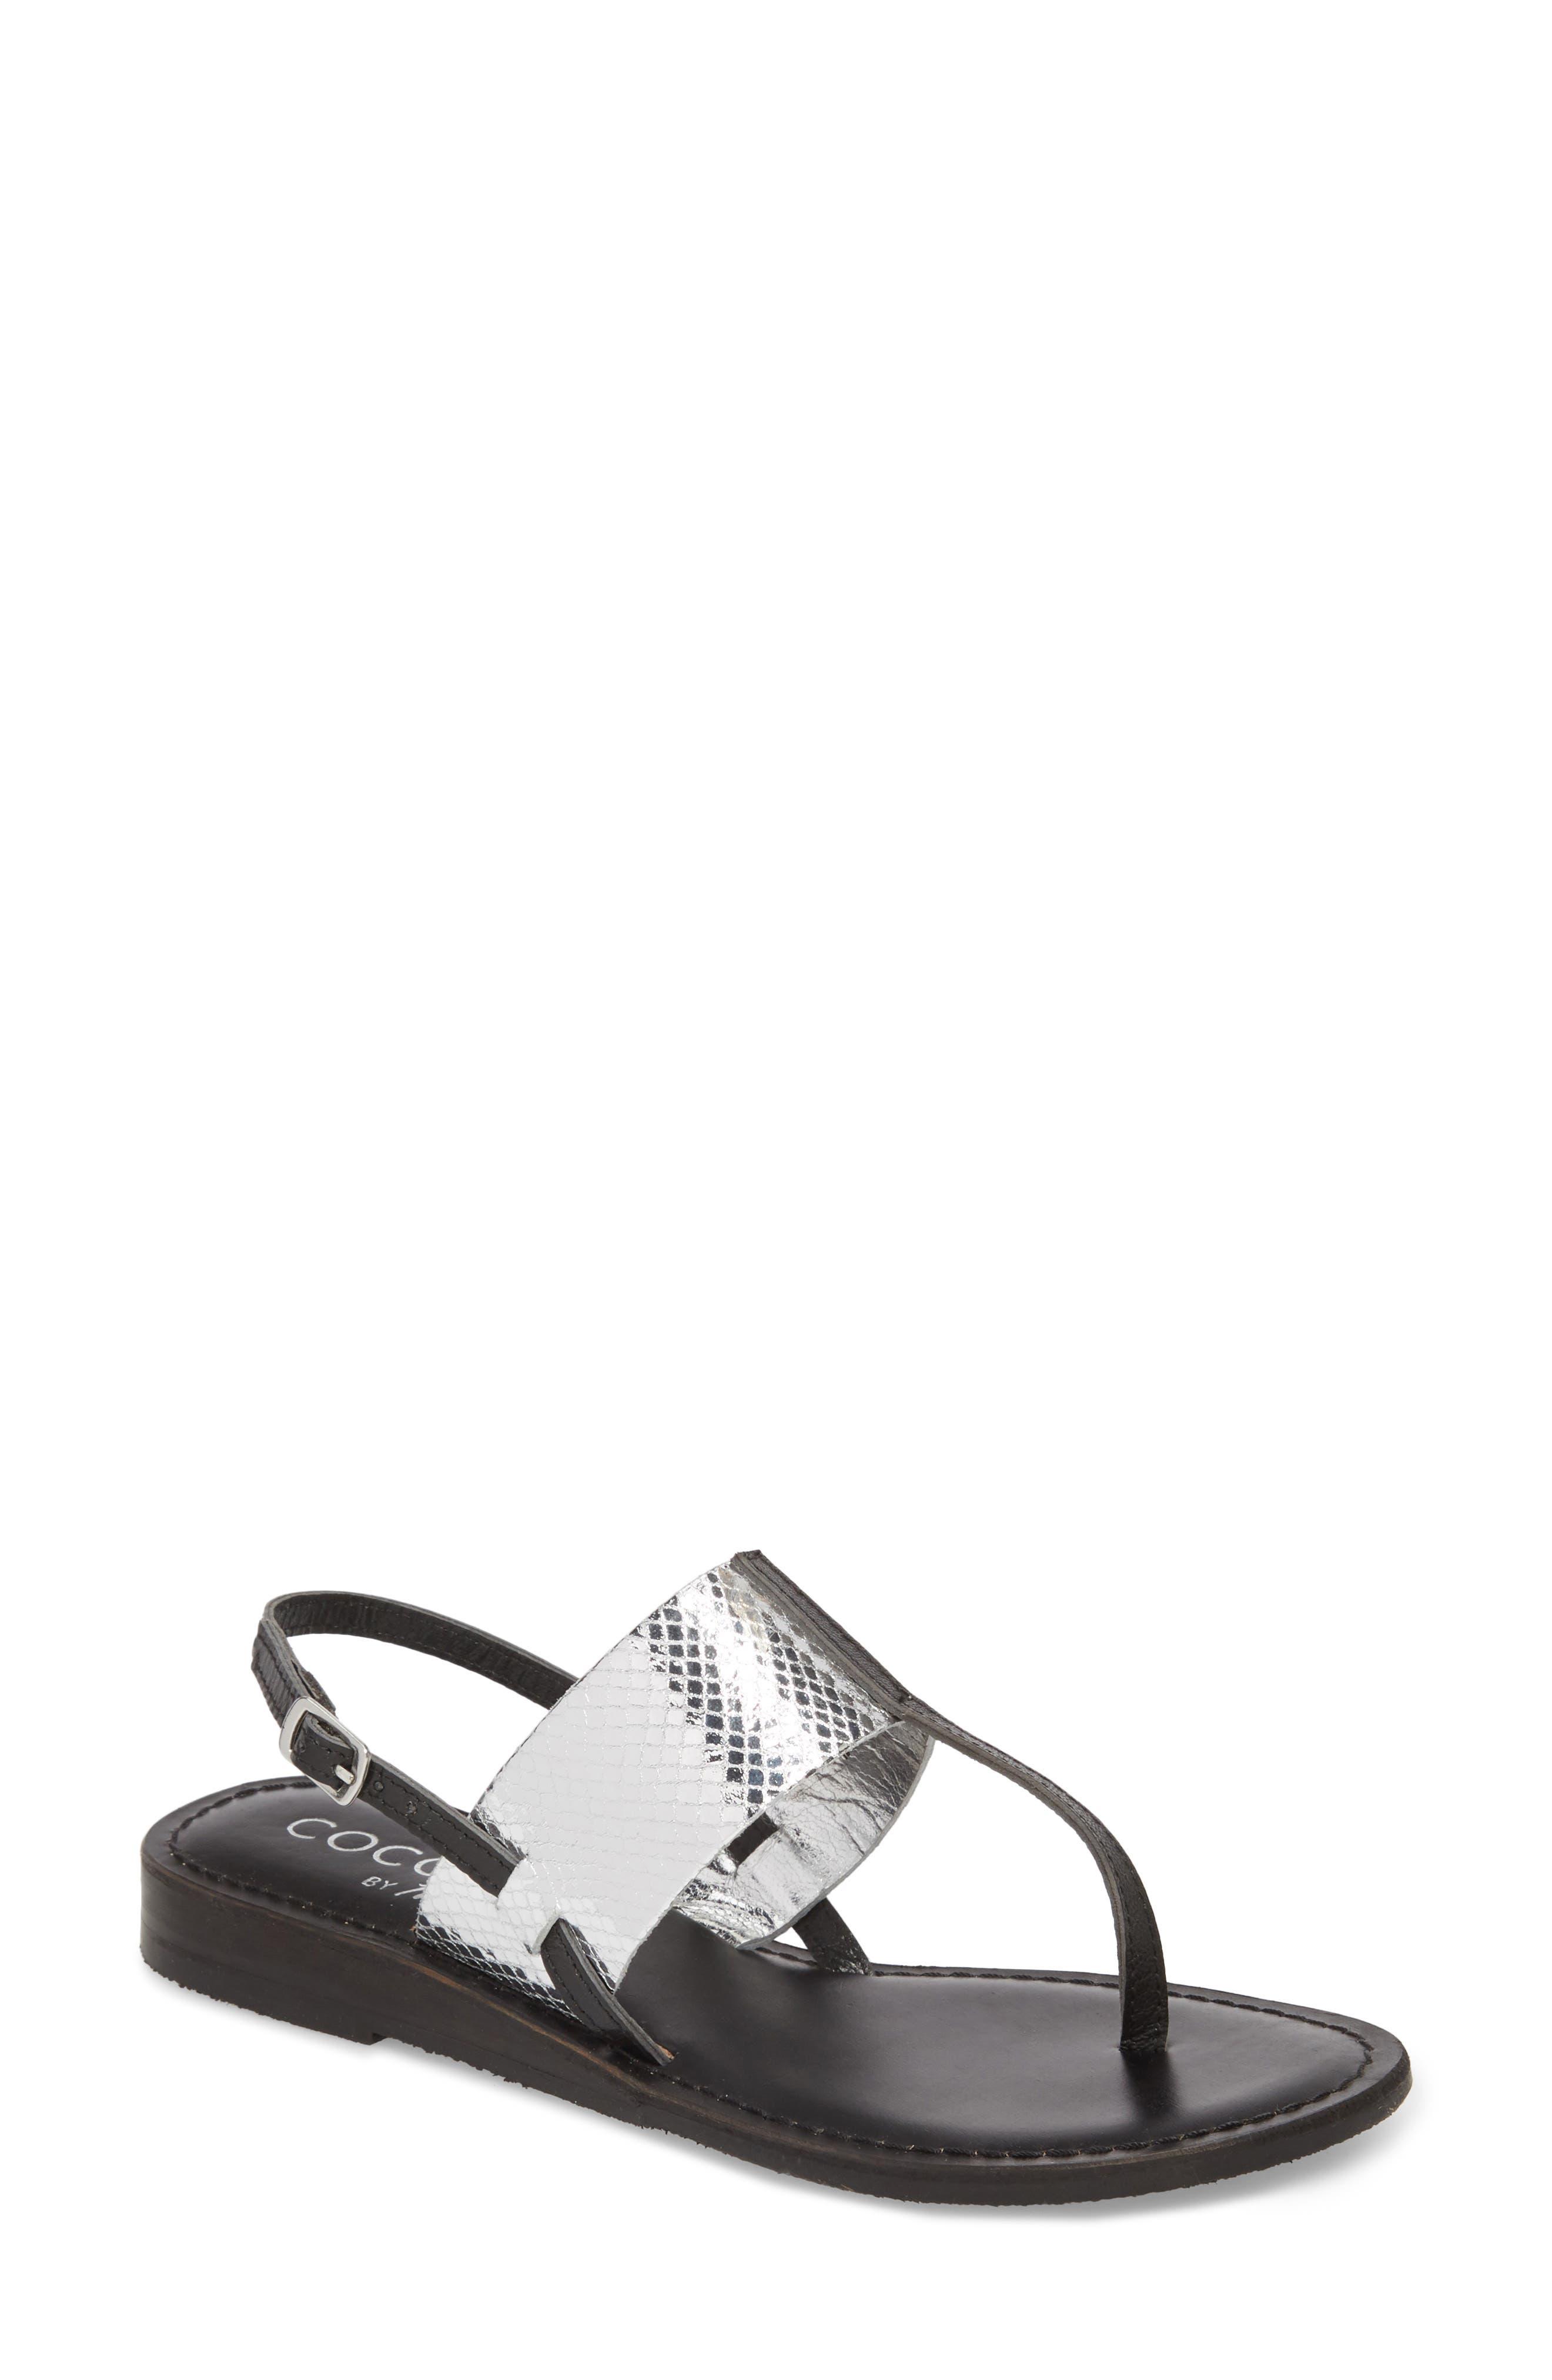 Valenti Sandal,                             Main thumbnail 1, color,                             Black Leather